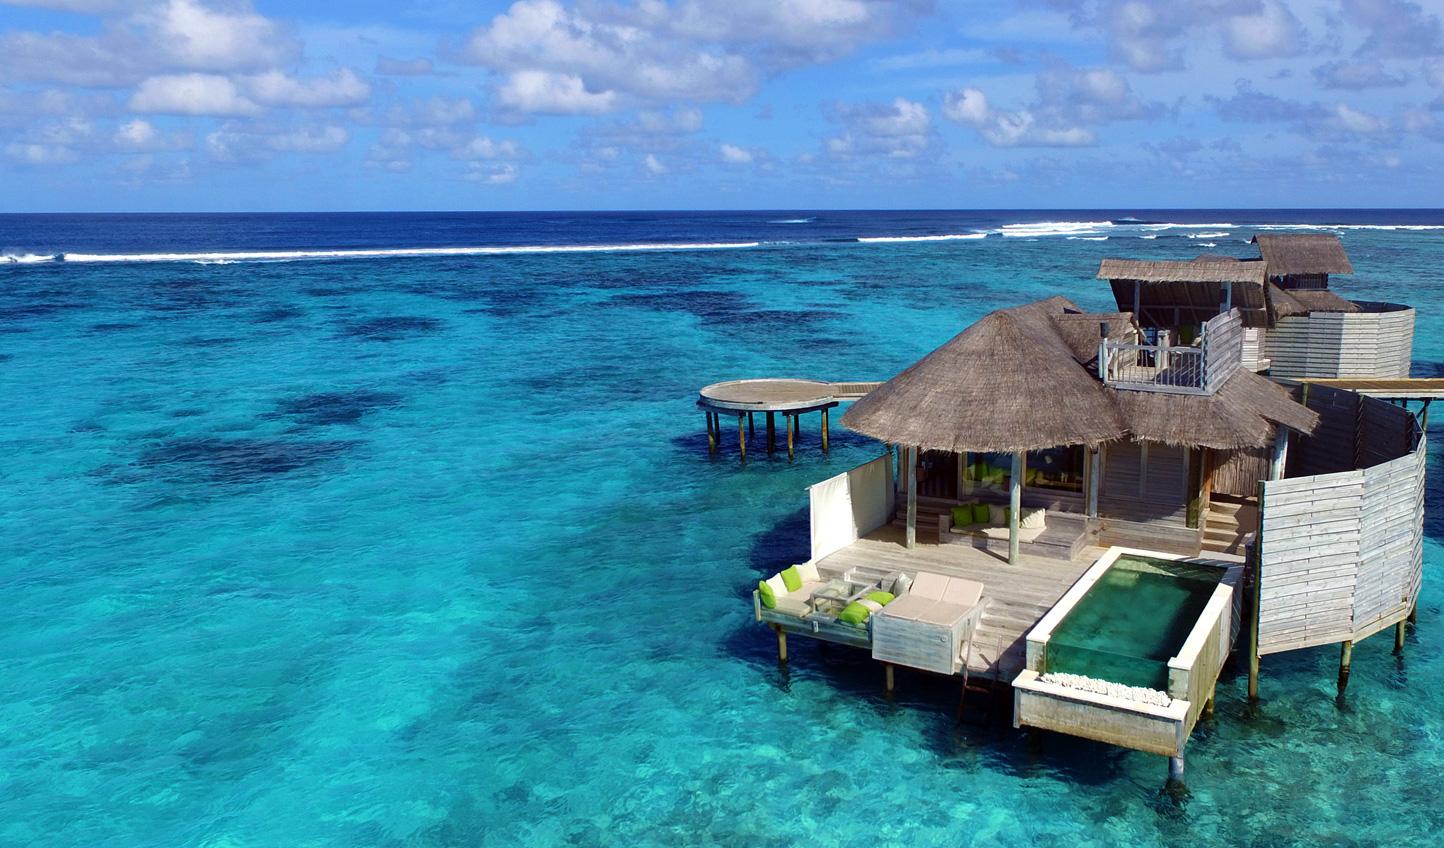 Paradise awaits at Six Senses Laamu